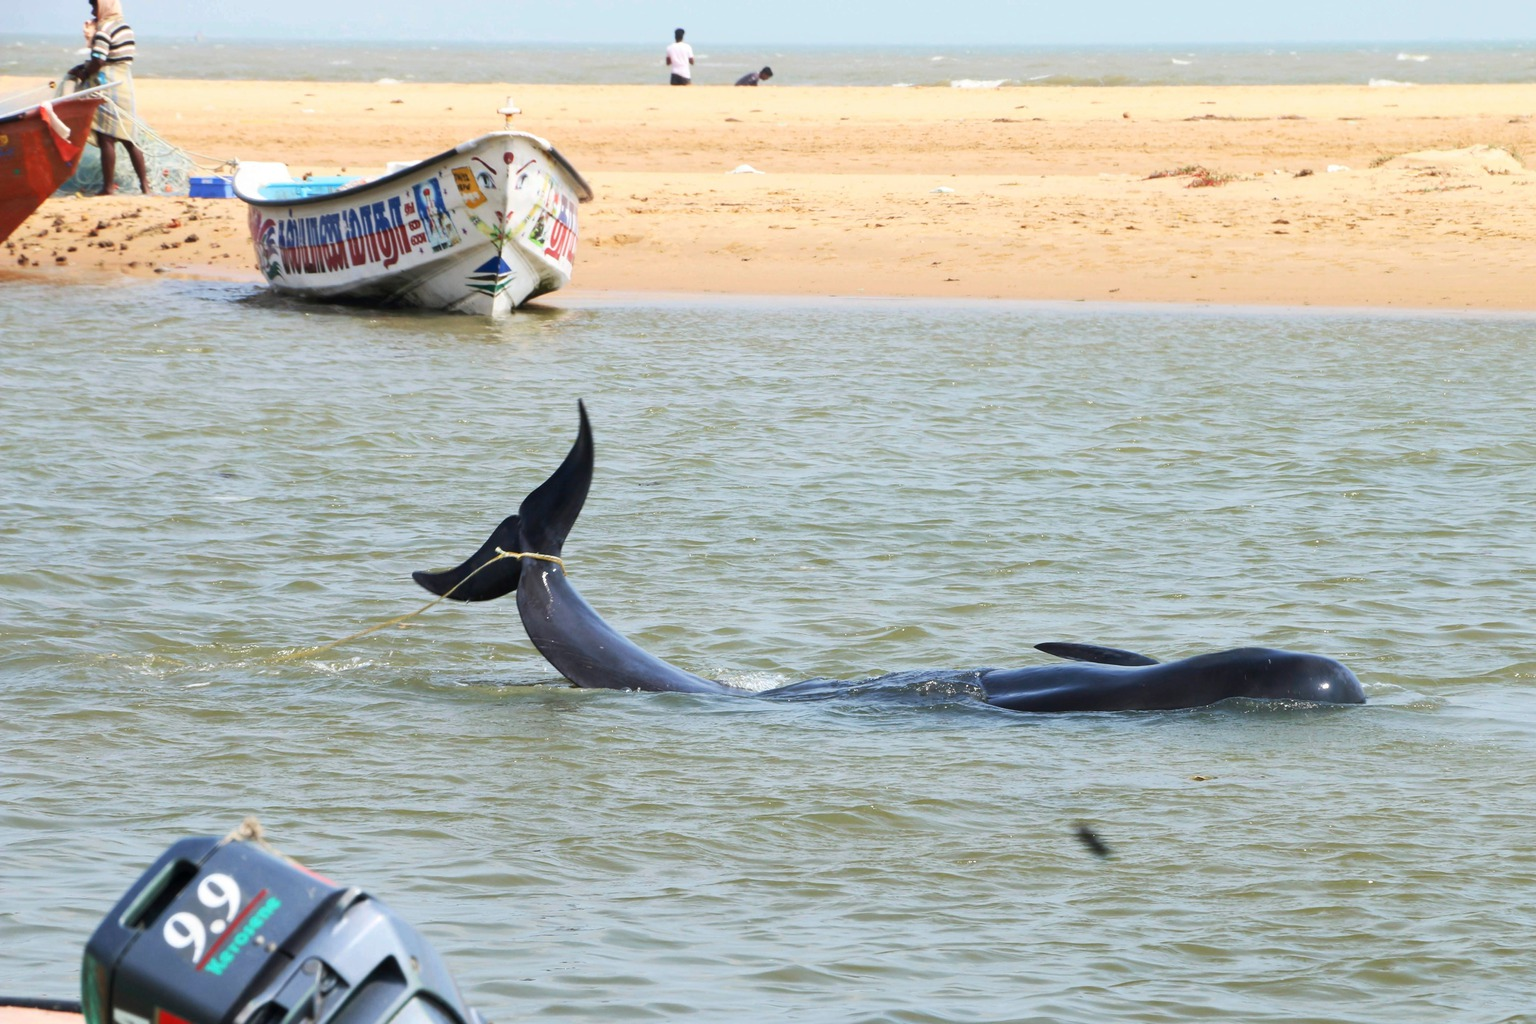 Manapad, 2016. január 12. Egy partra vetődött rövidszárnyú gömbölyűfejű-delfin a dél-indiai Tamil Nadu államban fekvő Manapad tengerpartján 2016. január 12-én. Több mint nyolcvan rövidszárnyú gömbölyűfejű-delfin vetődött partra, illetve rekedt a sekély öblök vizeiben a halászfalu környékén. (MTI/AP/Senthil Arumugam)